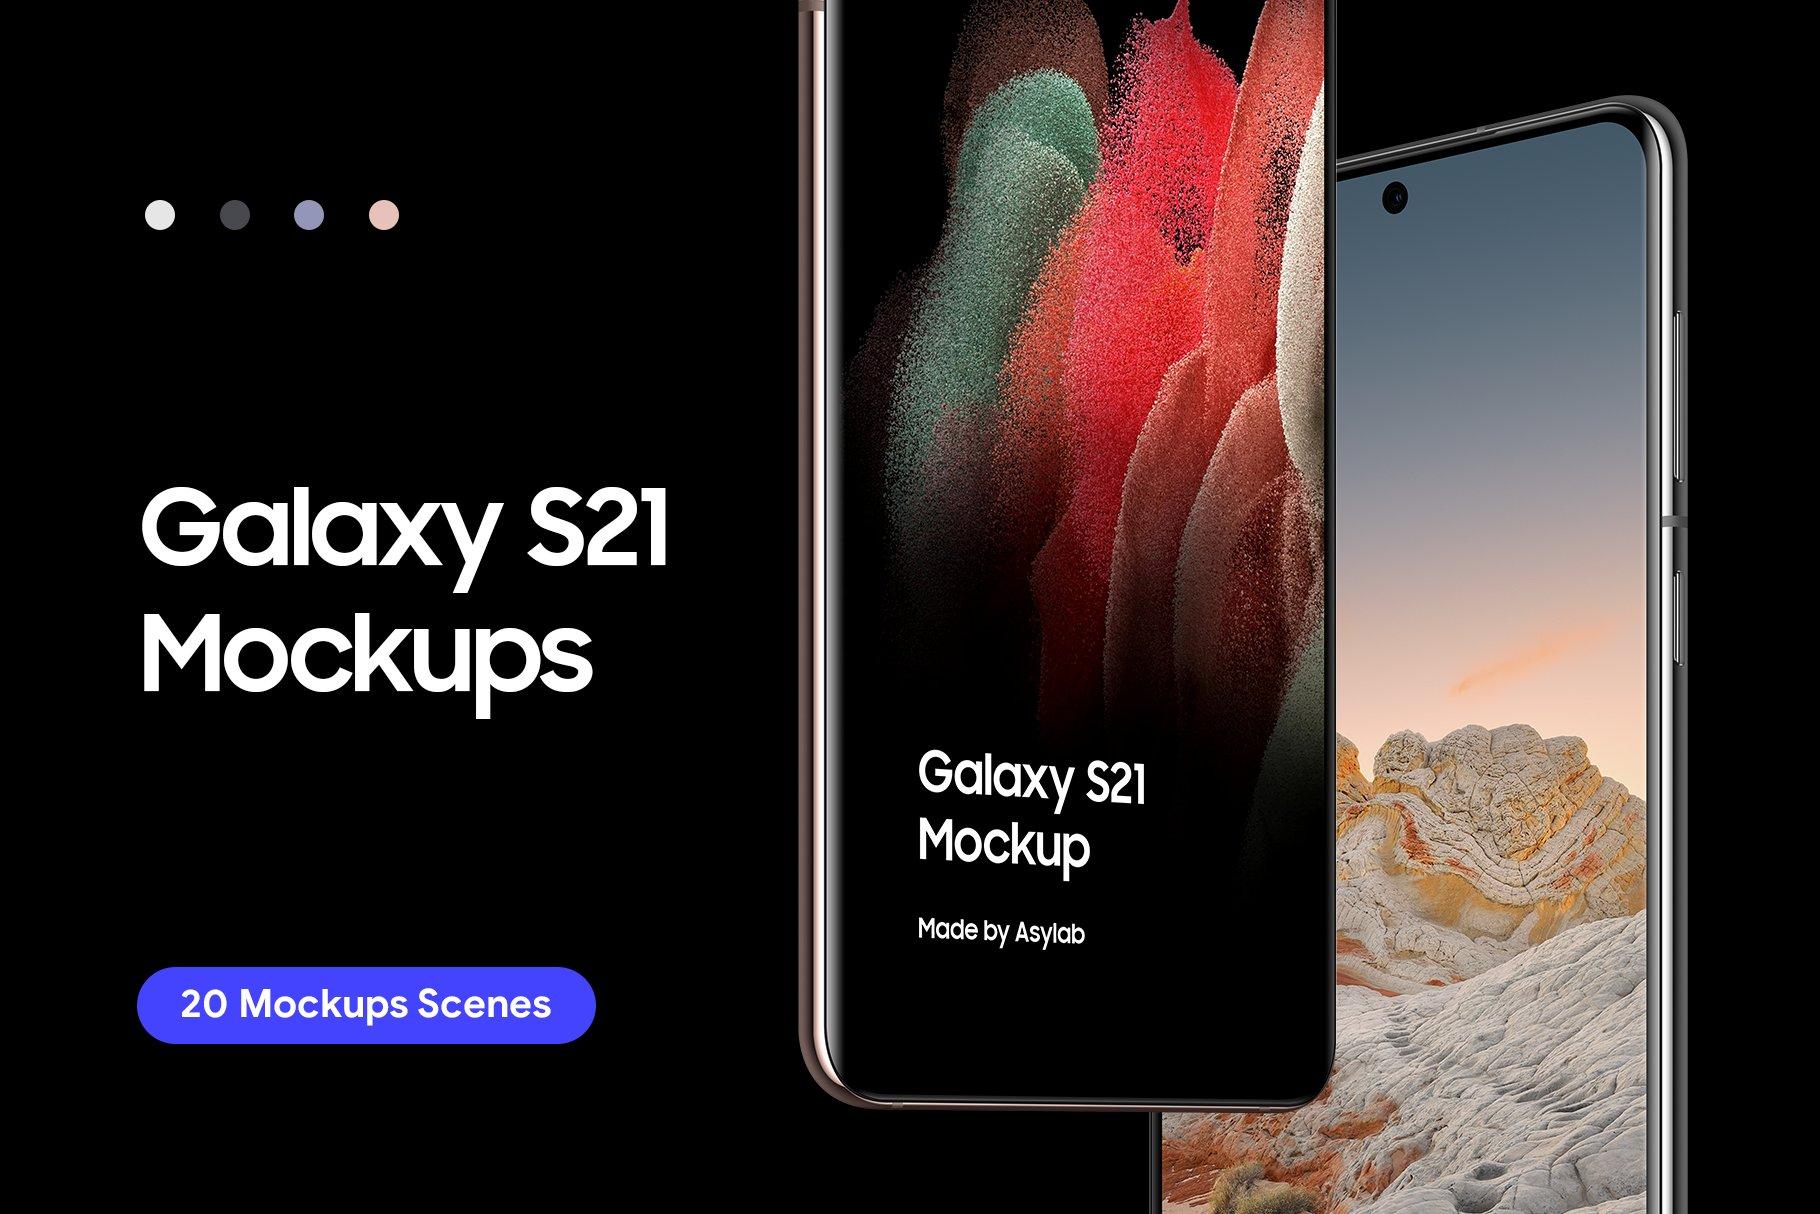 [单独购买] 20款三星Galaxy S21手机网站APP界面设计演示样机模板套件 Galaxy S21 – 20 Mockups Scenes插图